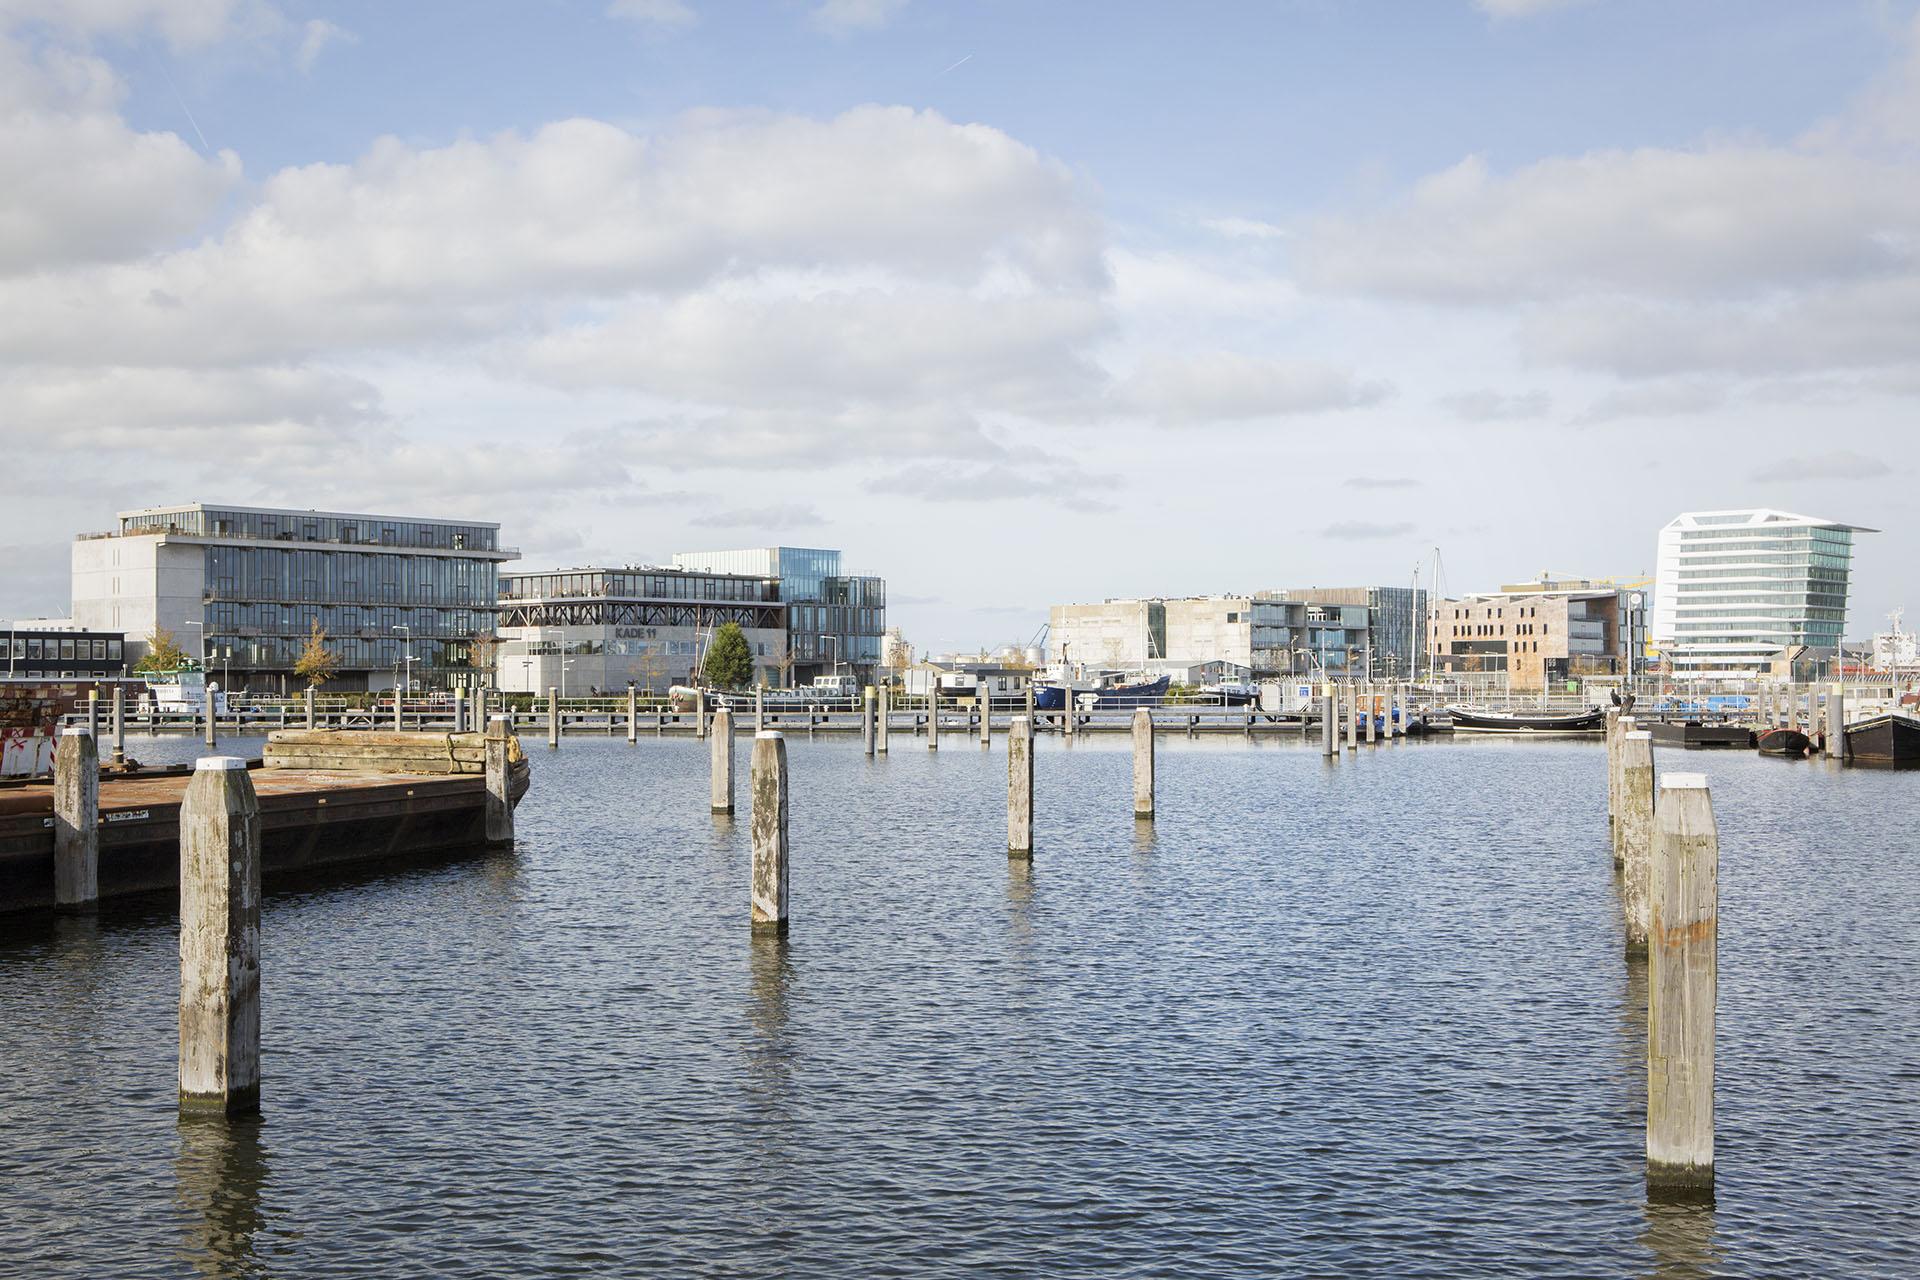 17-marc-koehler-amsterdam-simon-bosch-superlofts-architecture-architectuur-houthaven